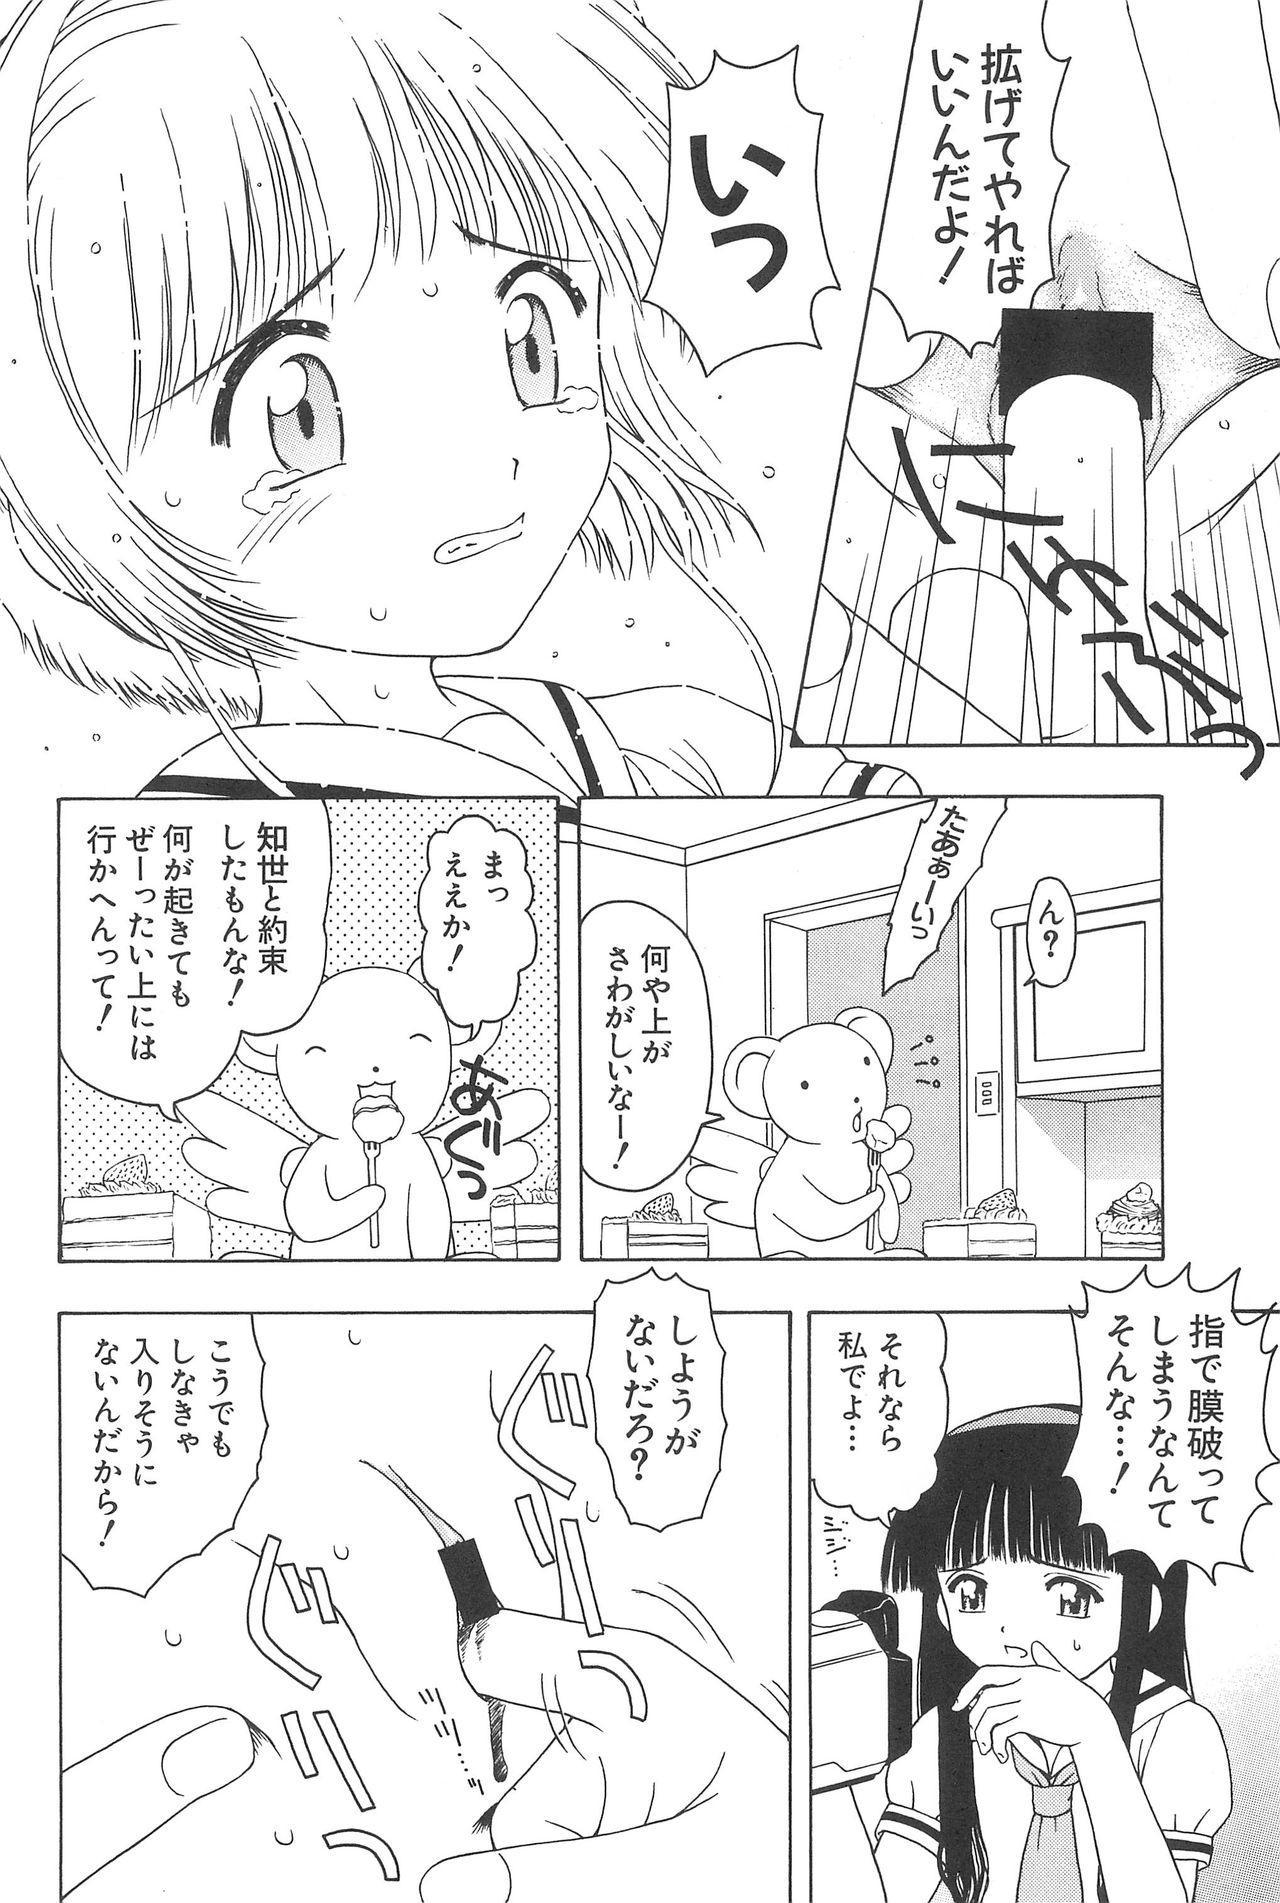 Sakura to Tomoyo ALL OF INTERCOURSE Jou 26